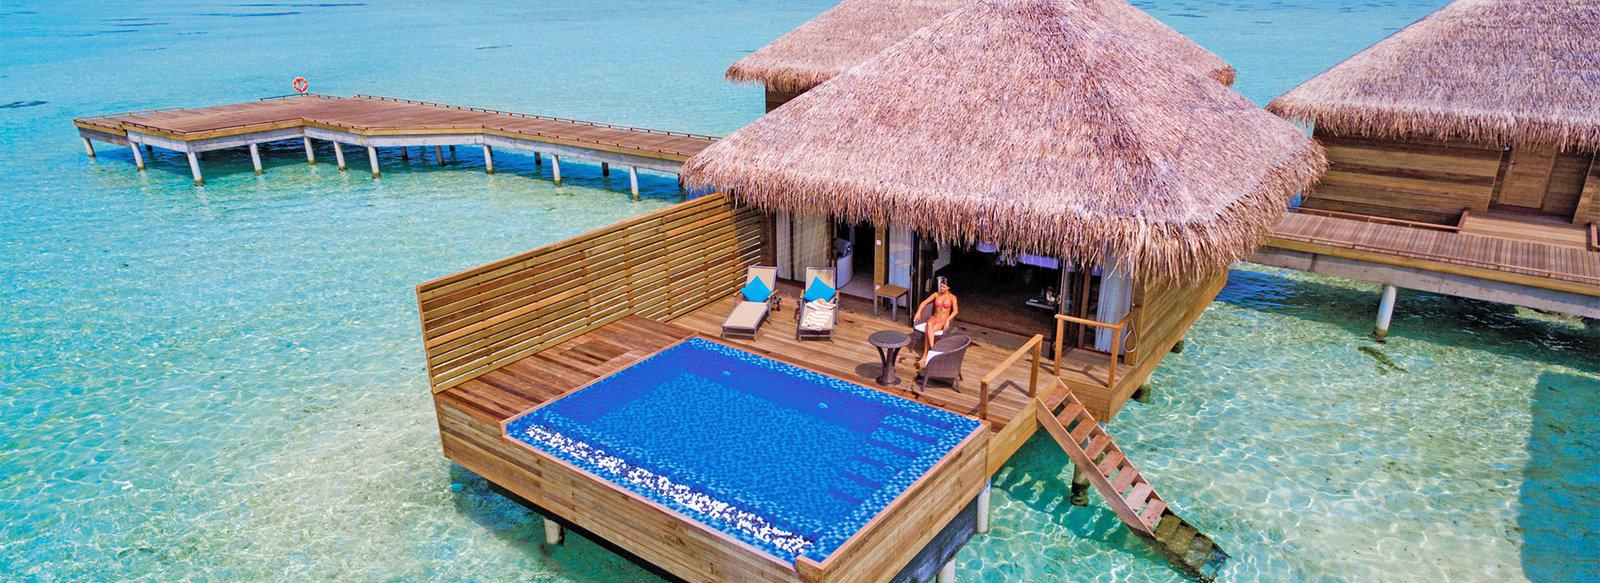 Design Resort 5* sulle spiagge maldiviane